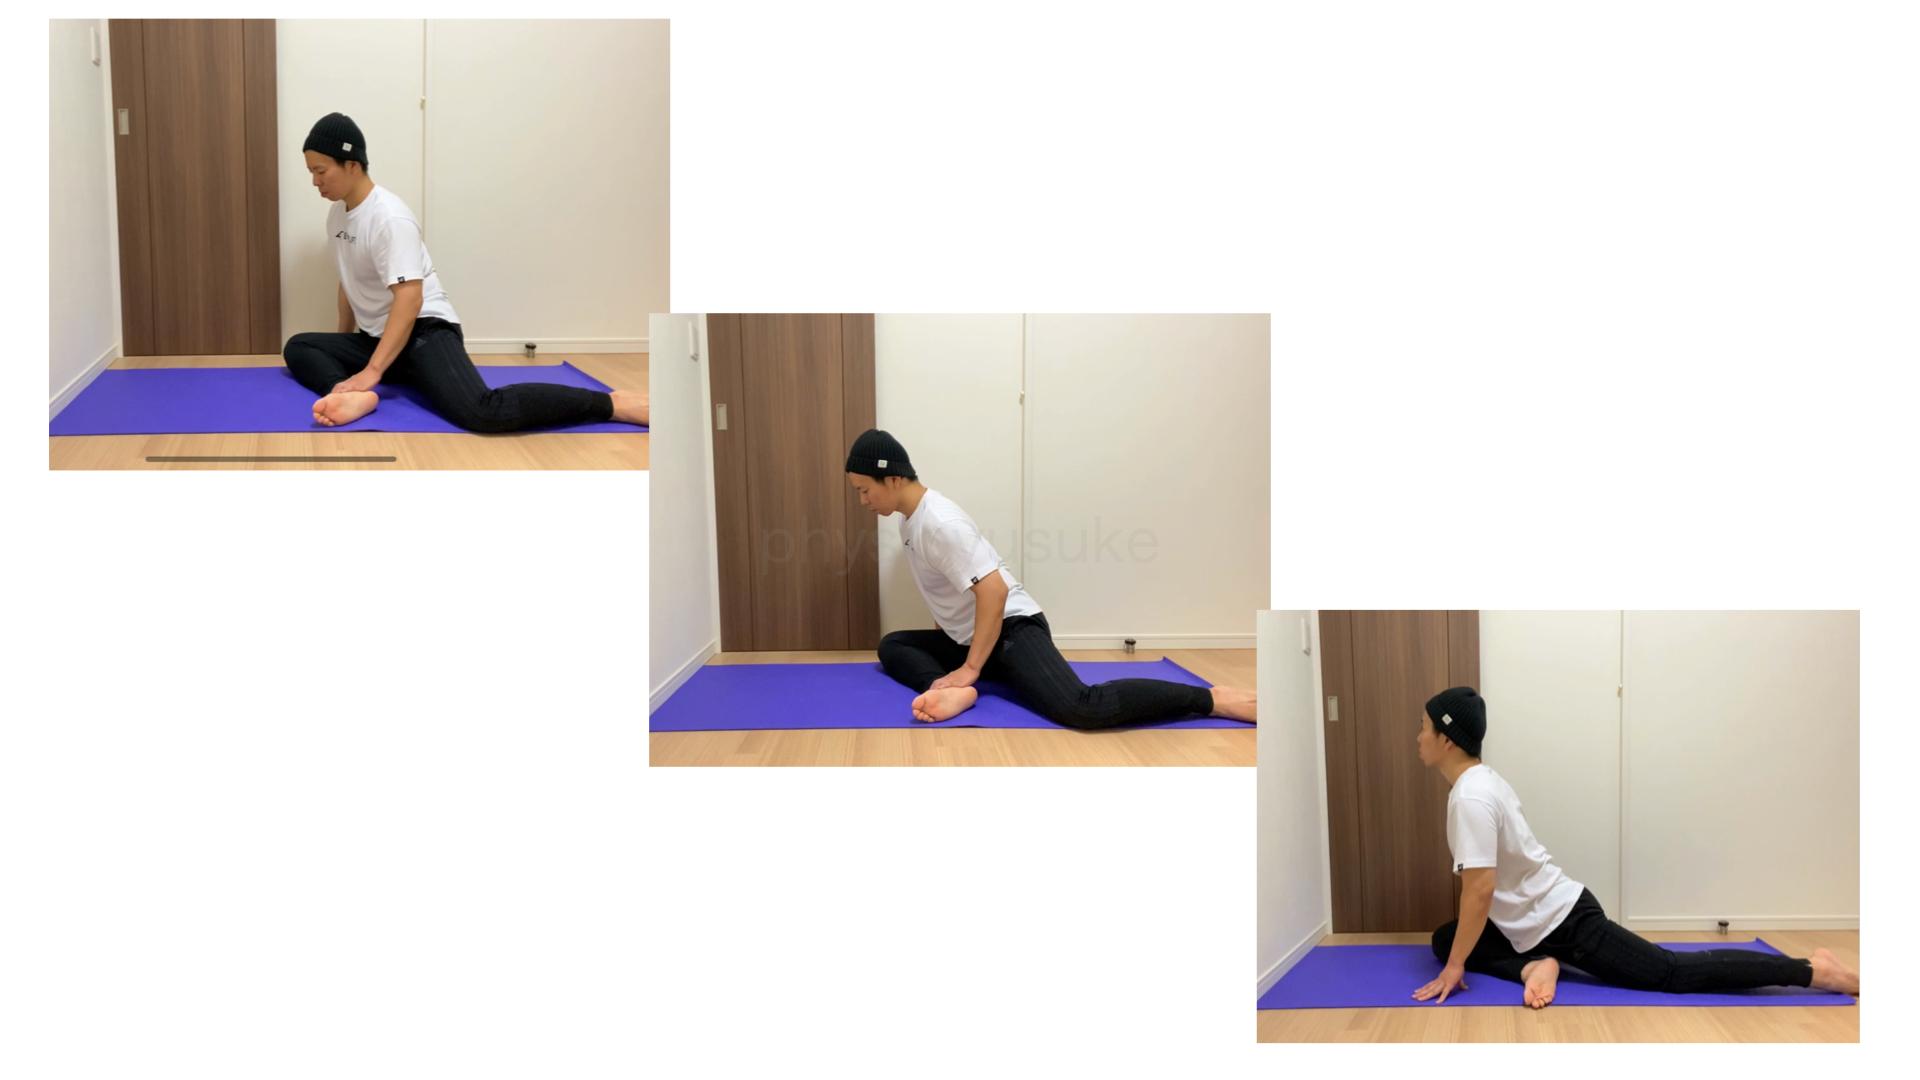 腰痛体操、股関節、運動、ストレッチ、お尻ストレッチ